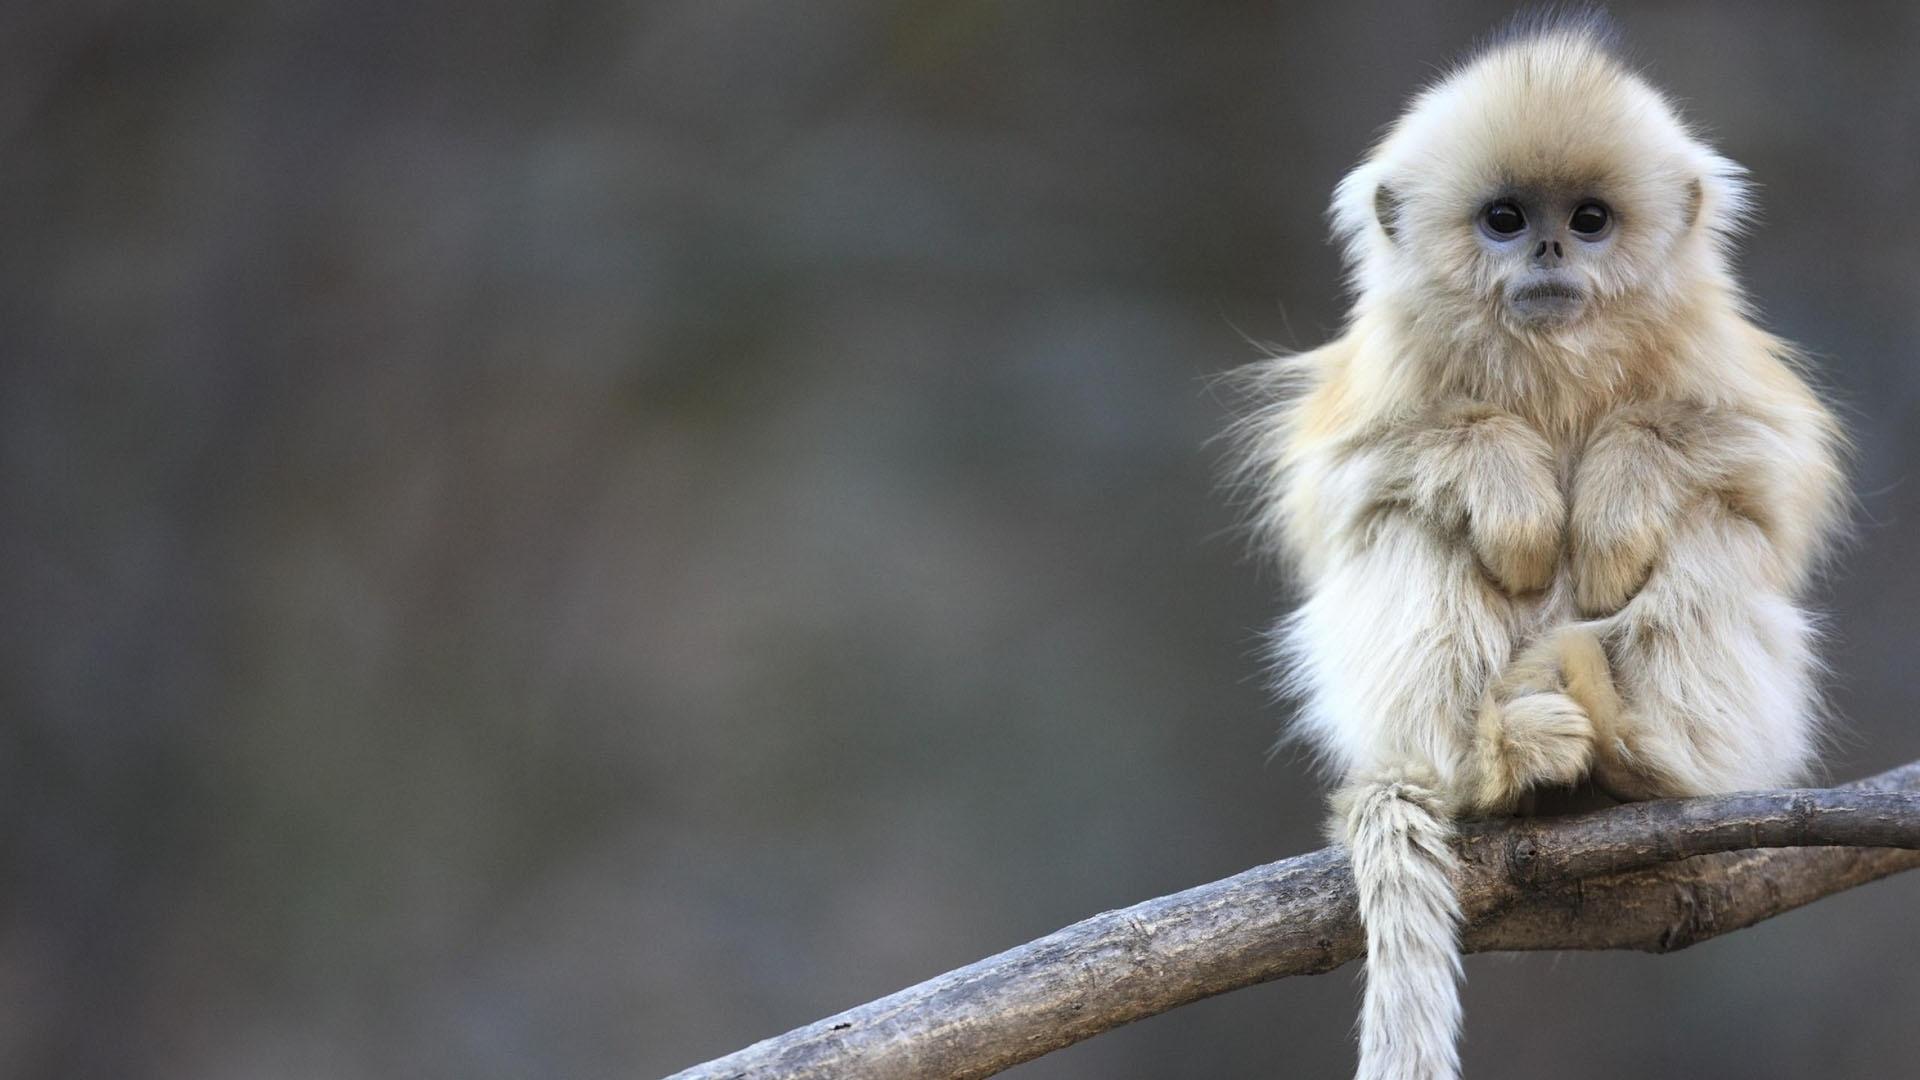 monkey new photos